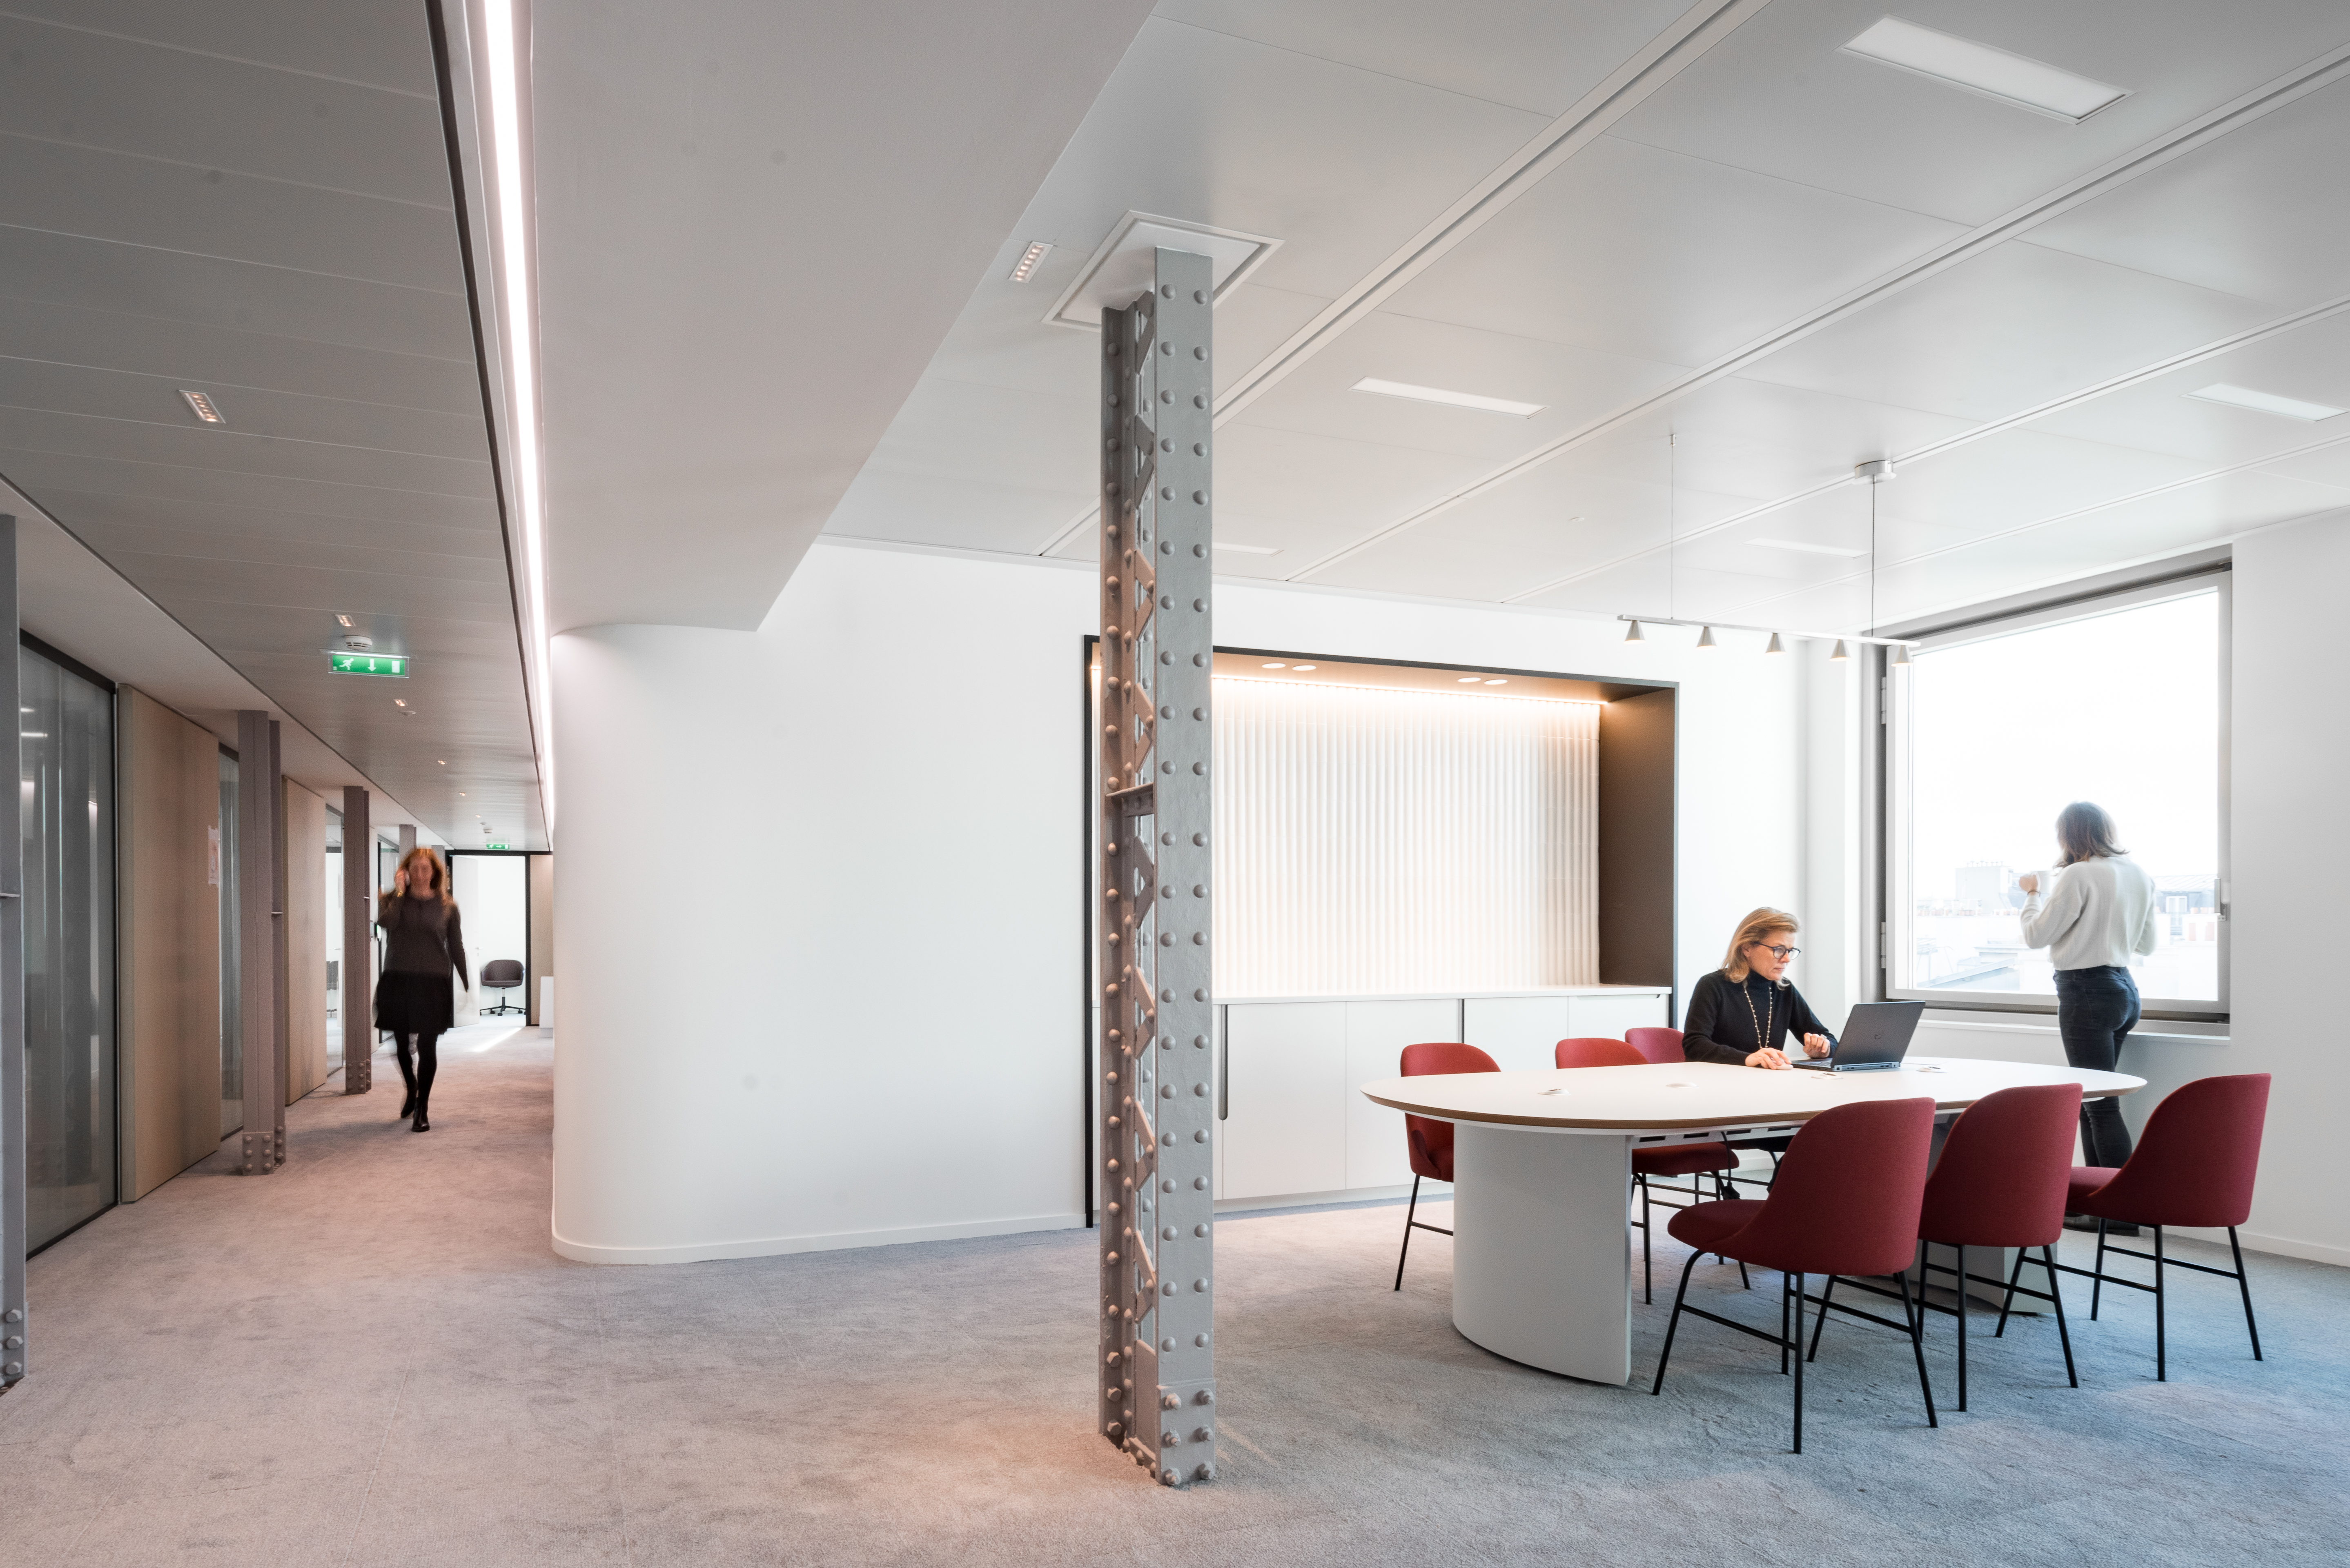 Aménagement de bureaux en open space - Réalisation UNOFI - Paris 1